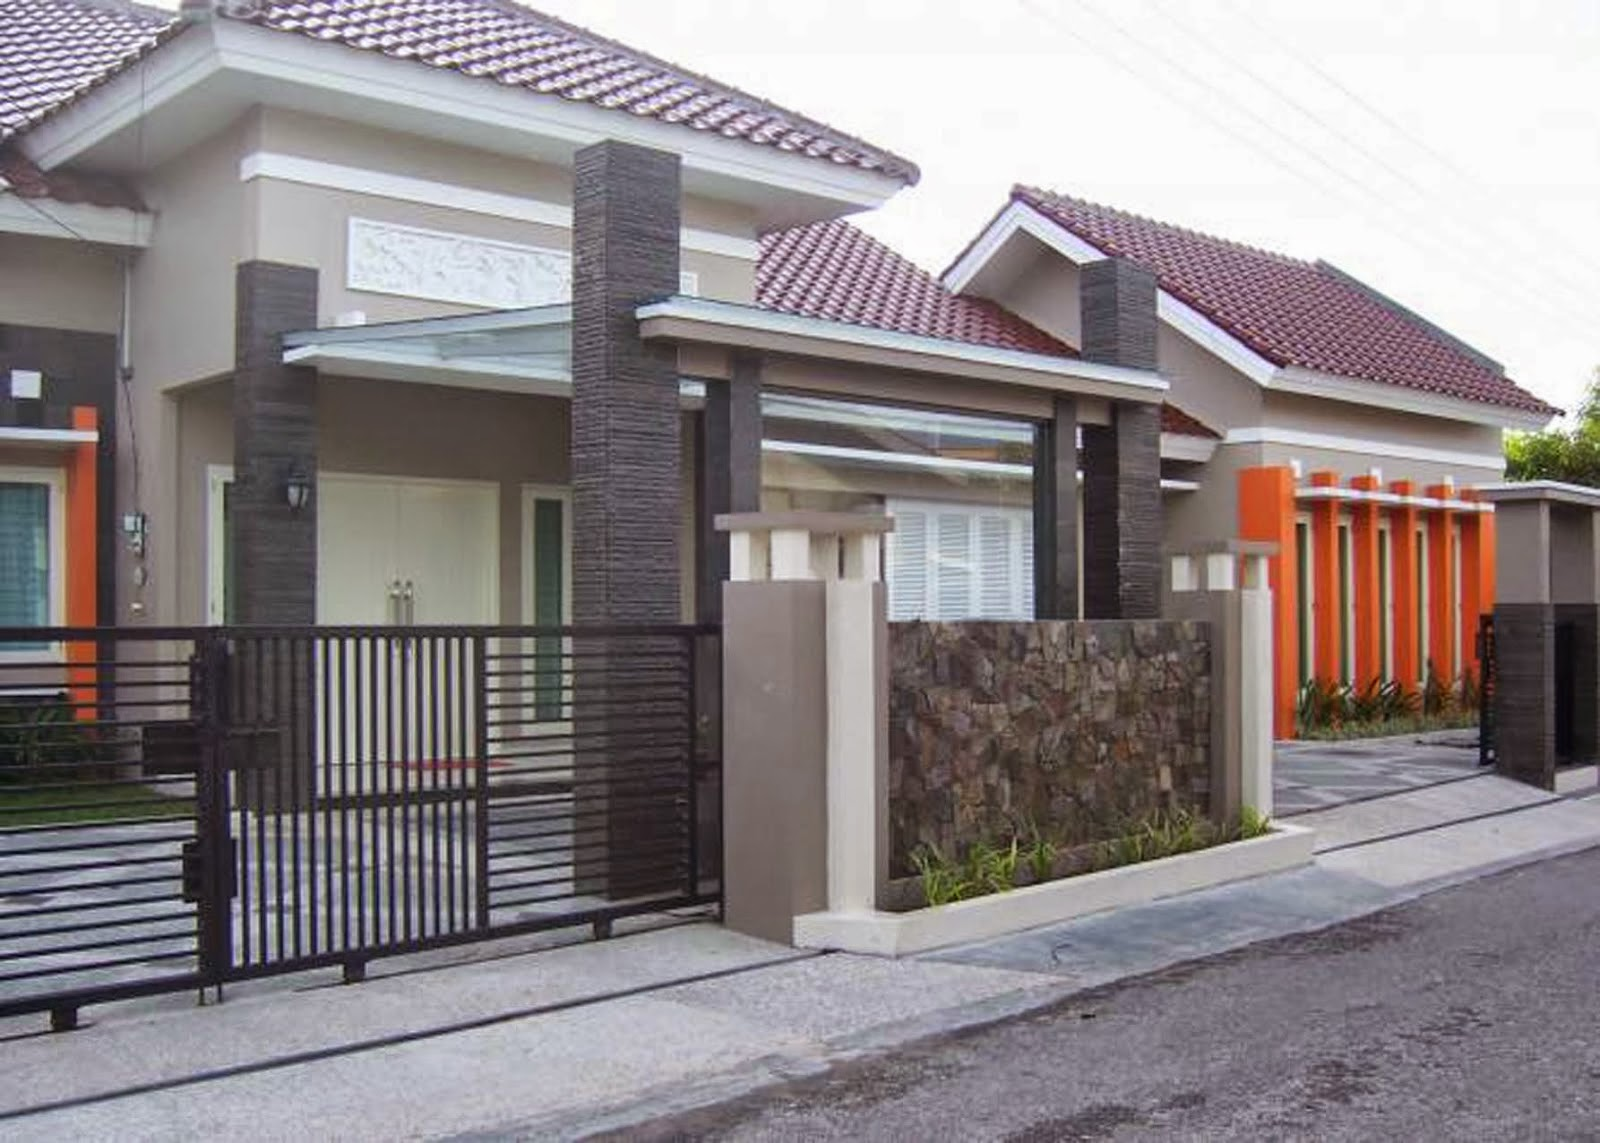 61 Desain Fasad Rumah Minimalis 1 Lantai Desain Rumah